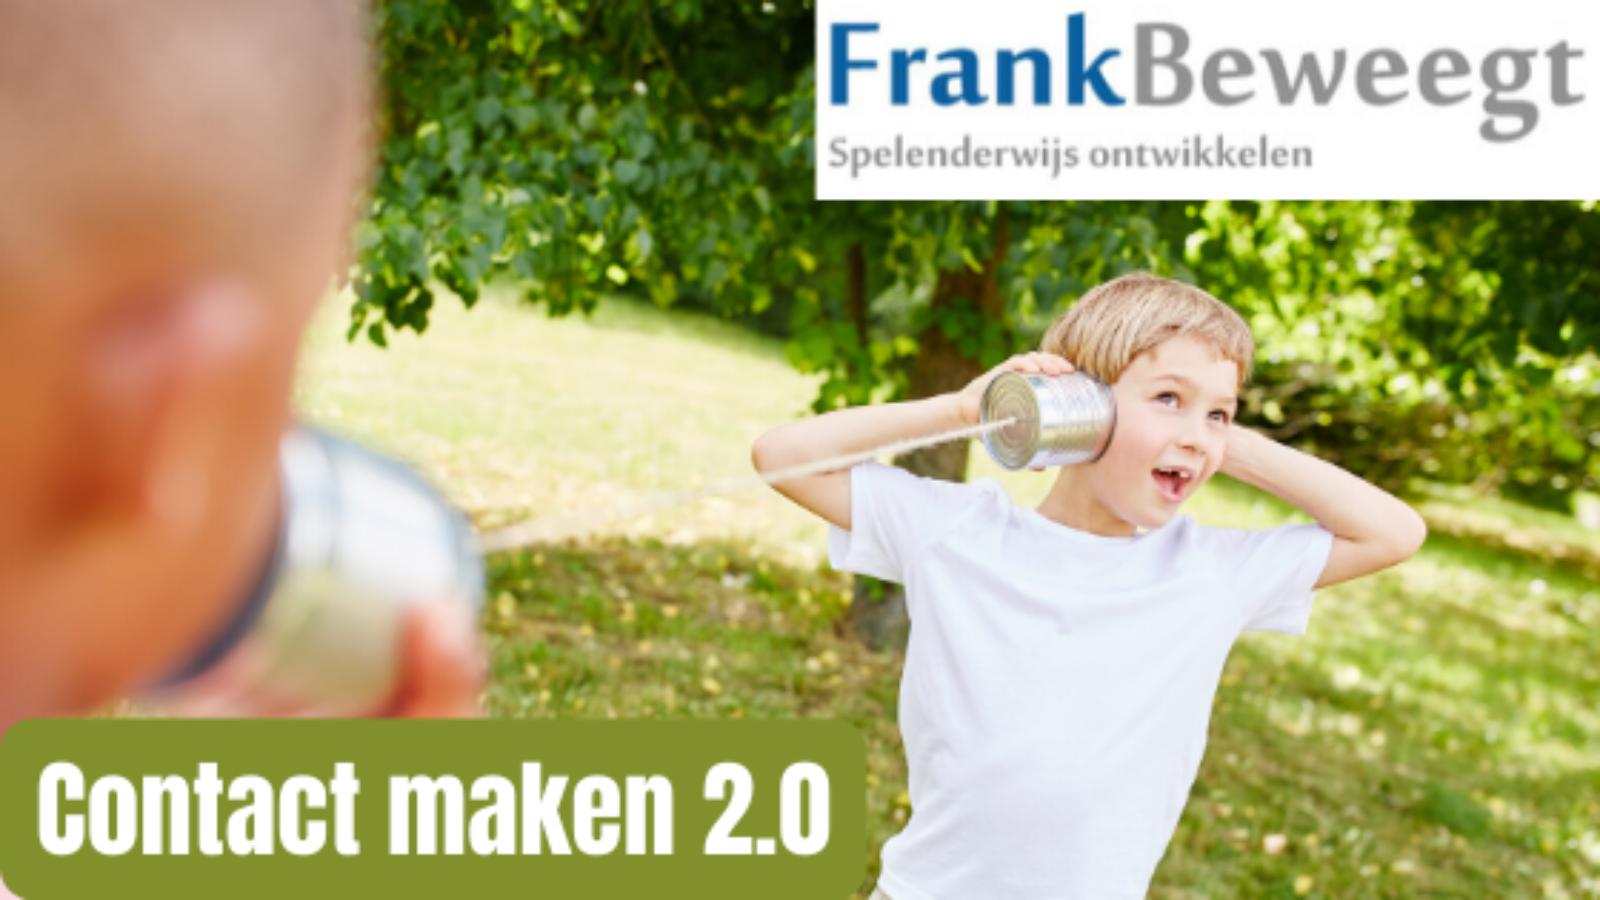 Contact maken 2.0